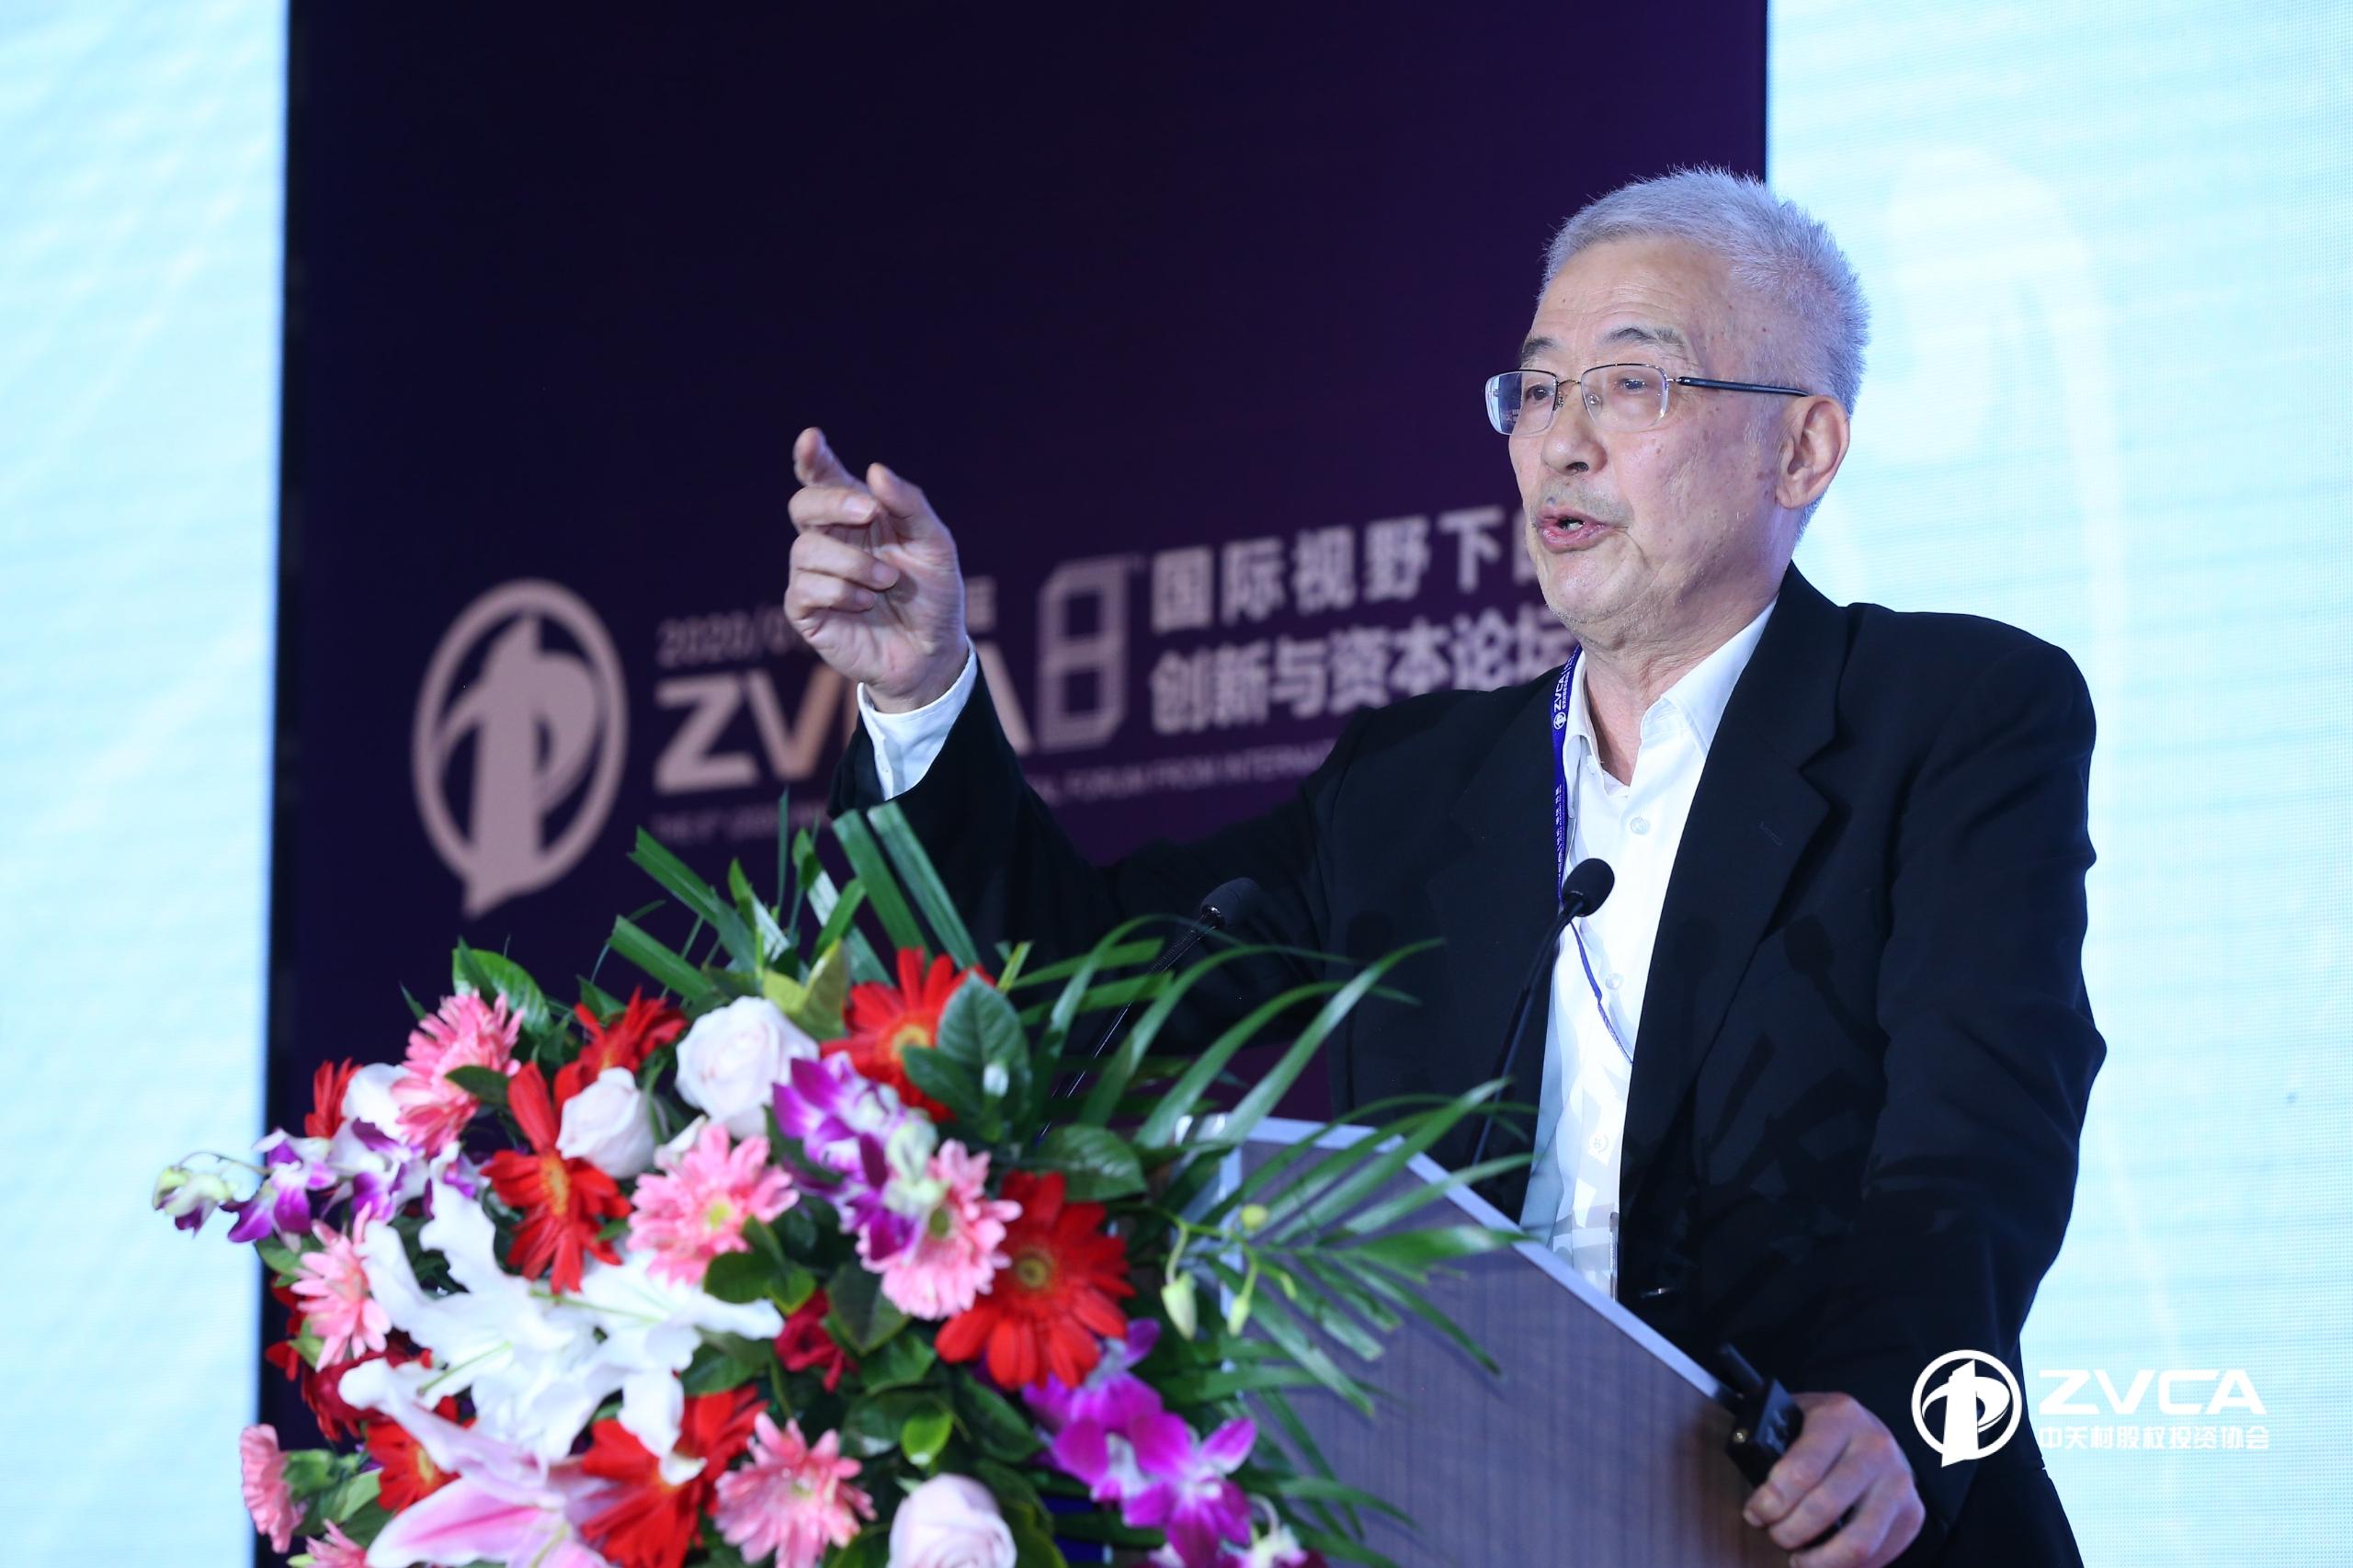 经济学家黄江南:人类社会正在进入观念社会,这将带来一系列变化